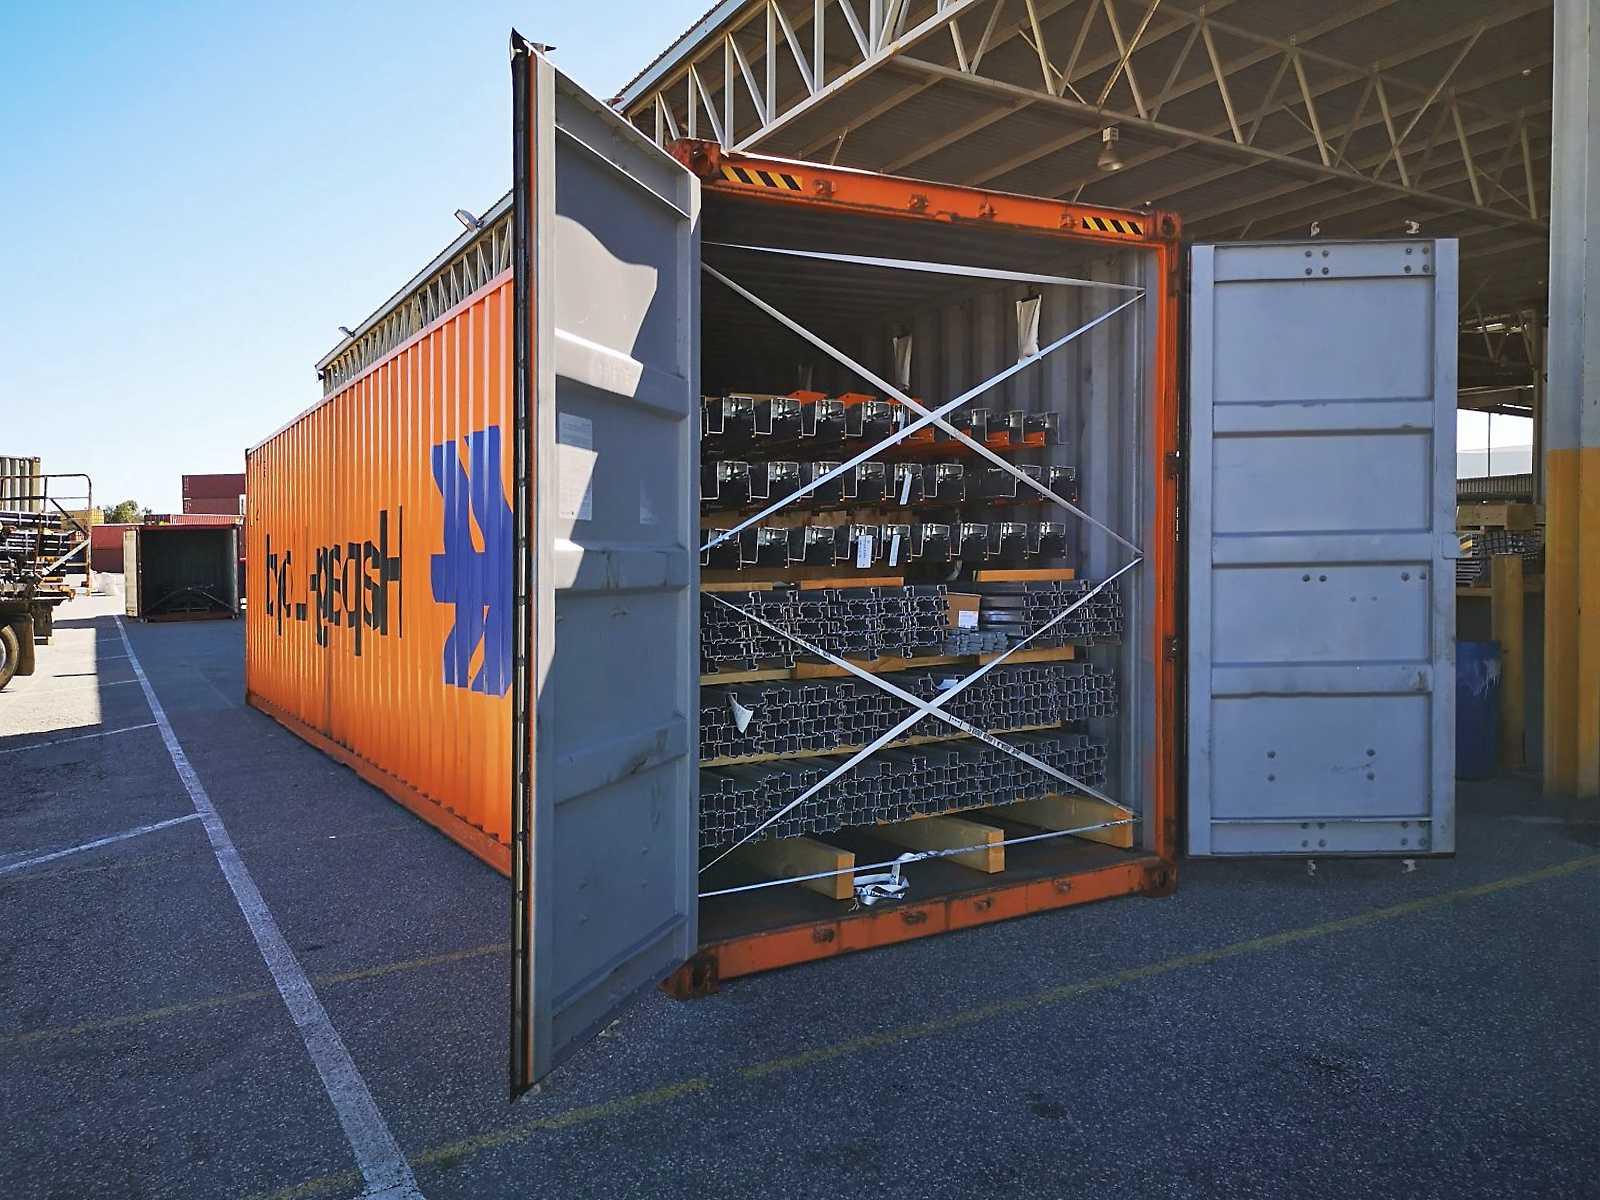 Аренда контейнера для хранения спортинвентаря